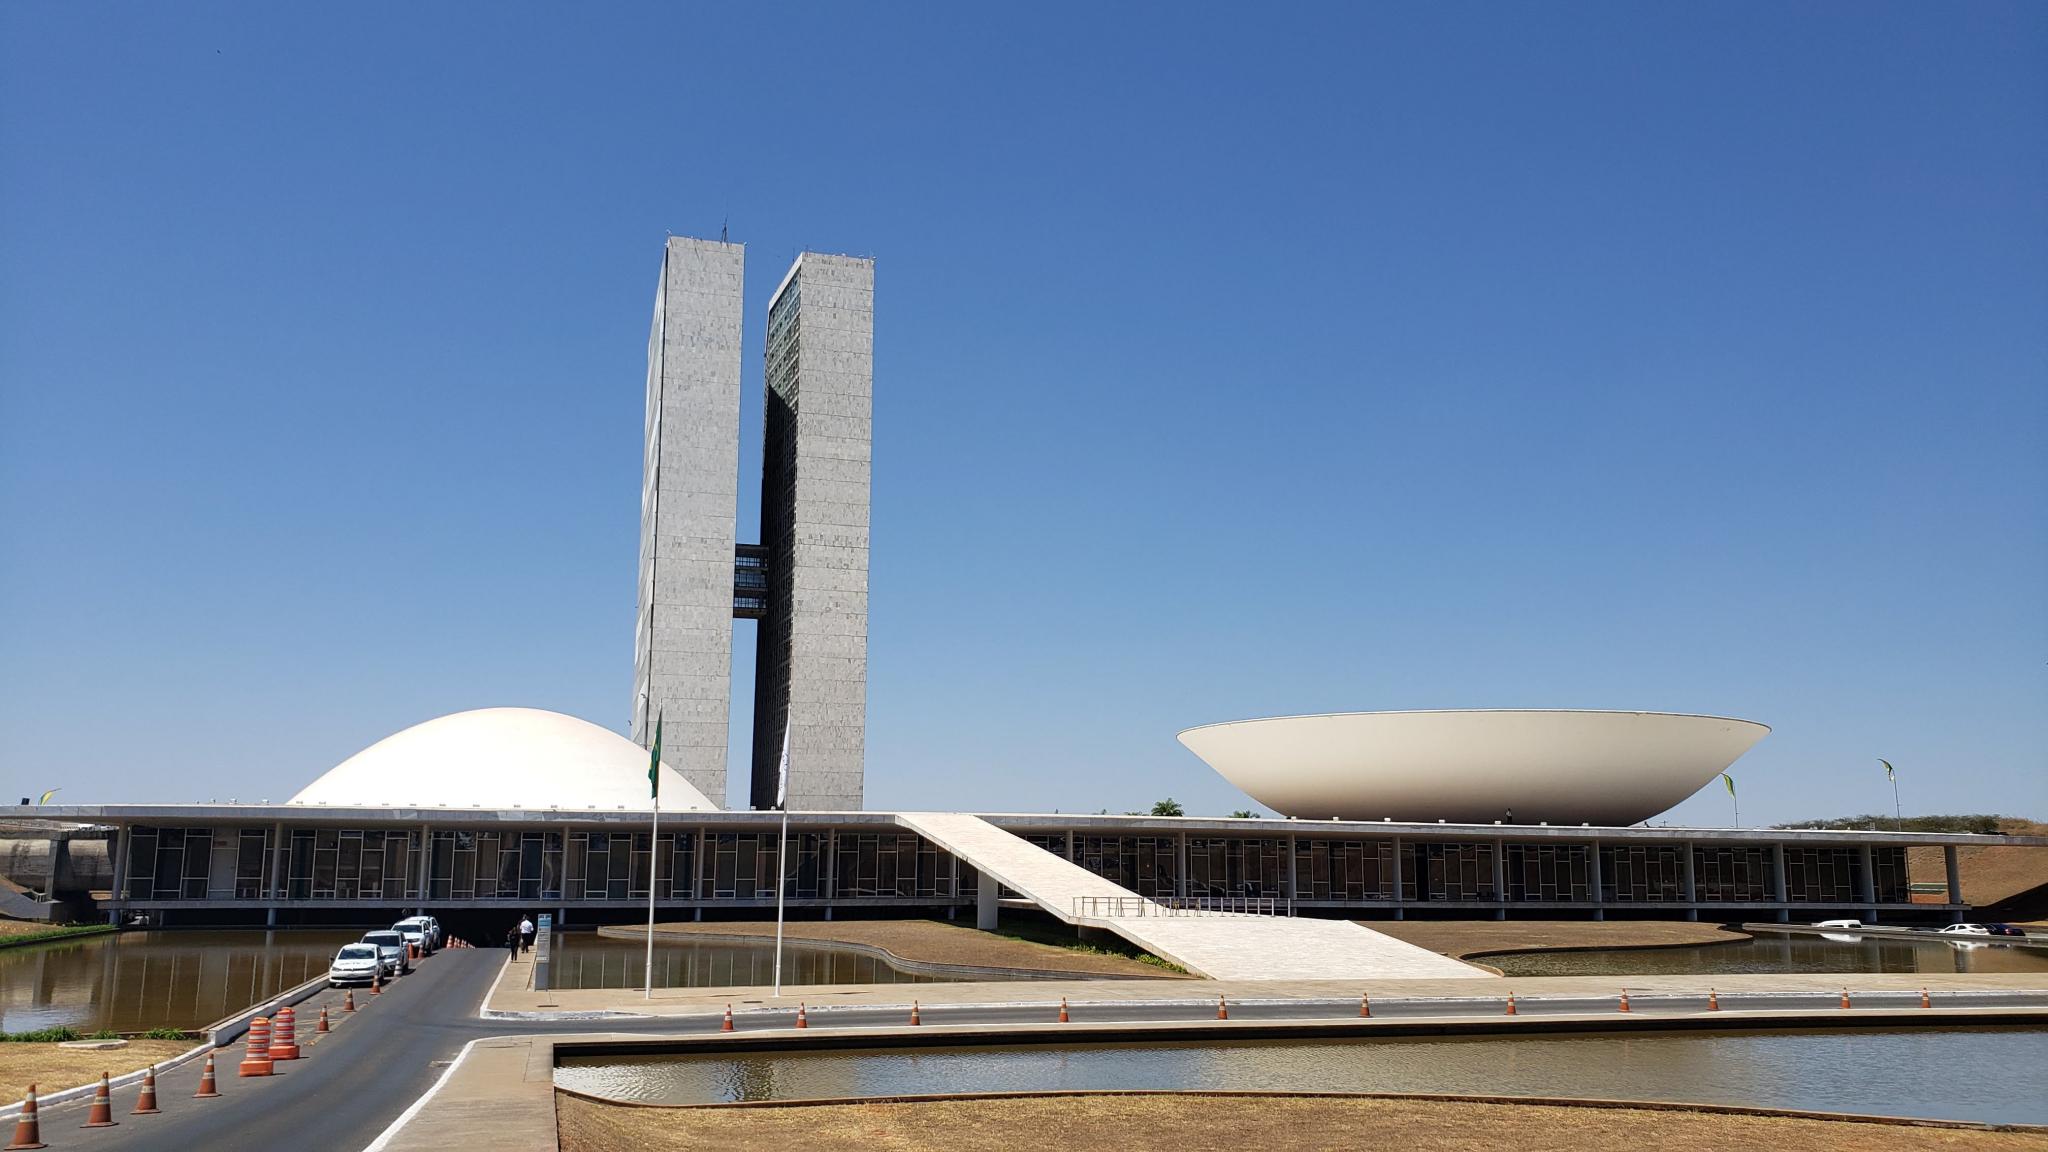 Pedido de impeachment de Bolsonaro pode ser retirado da gaveta caso Congresso seja invadido